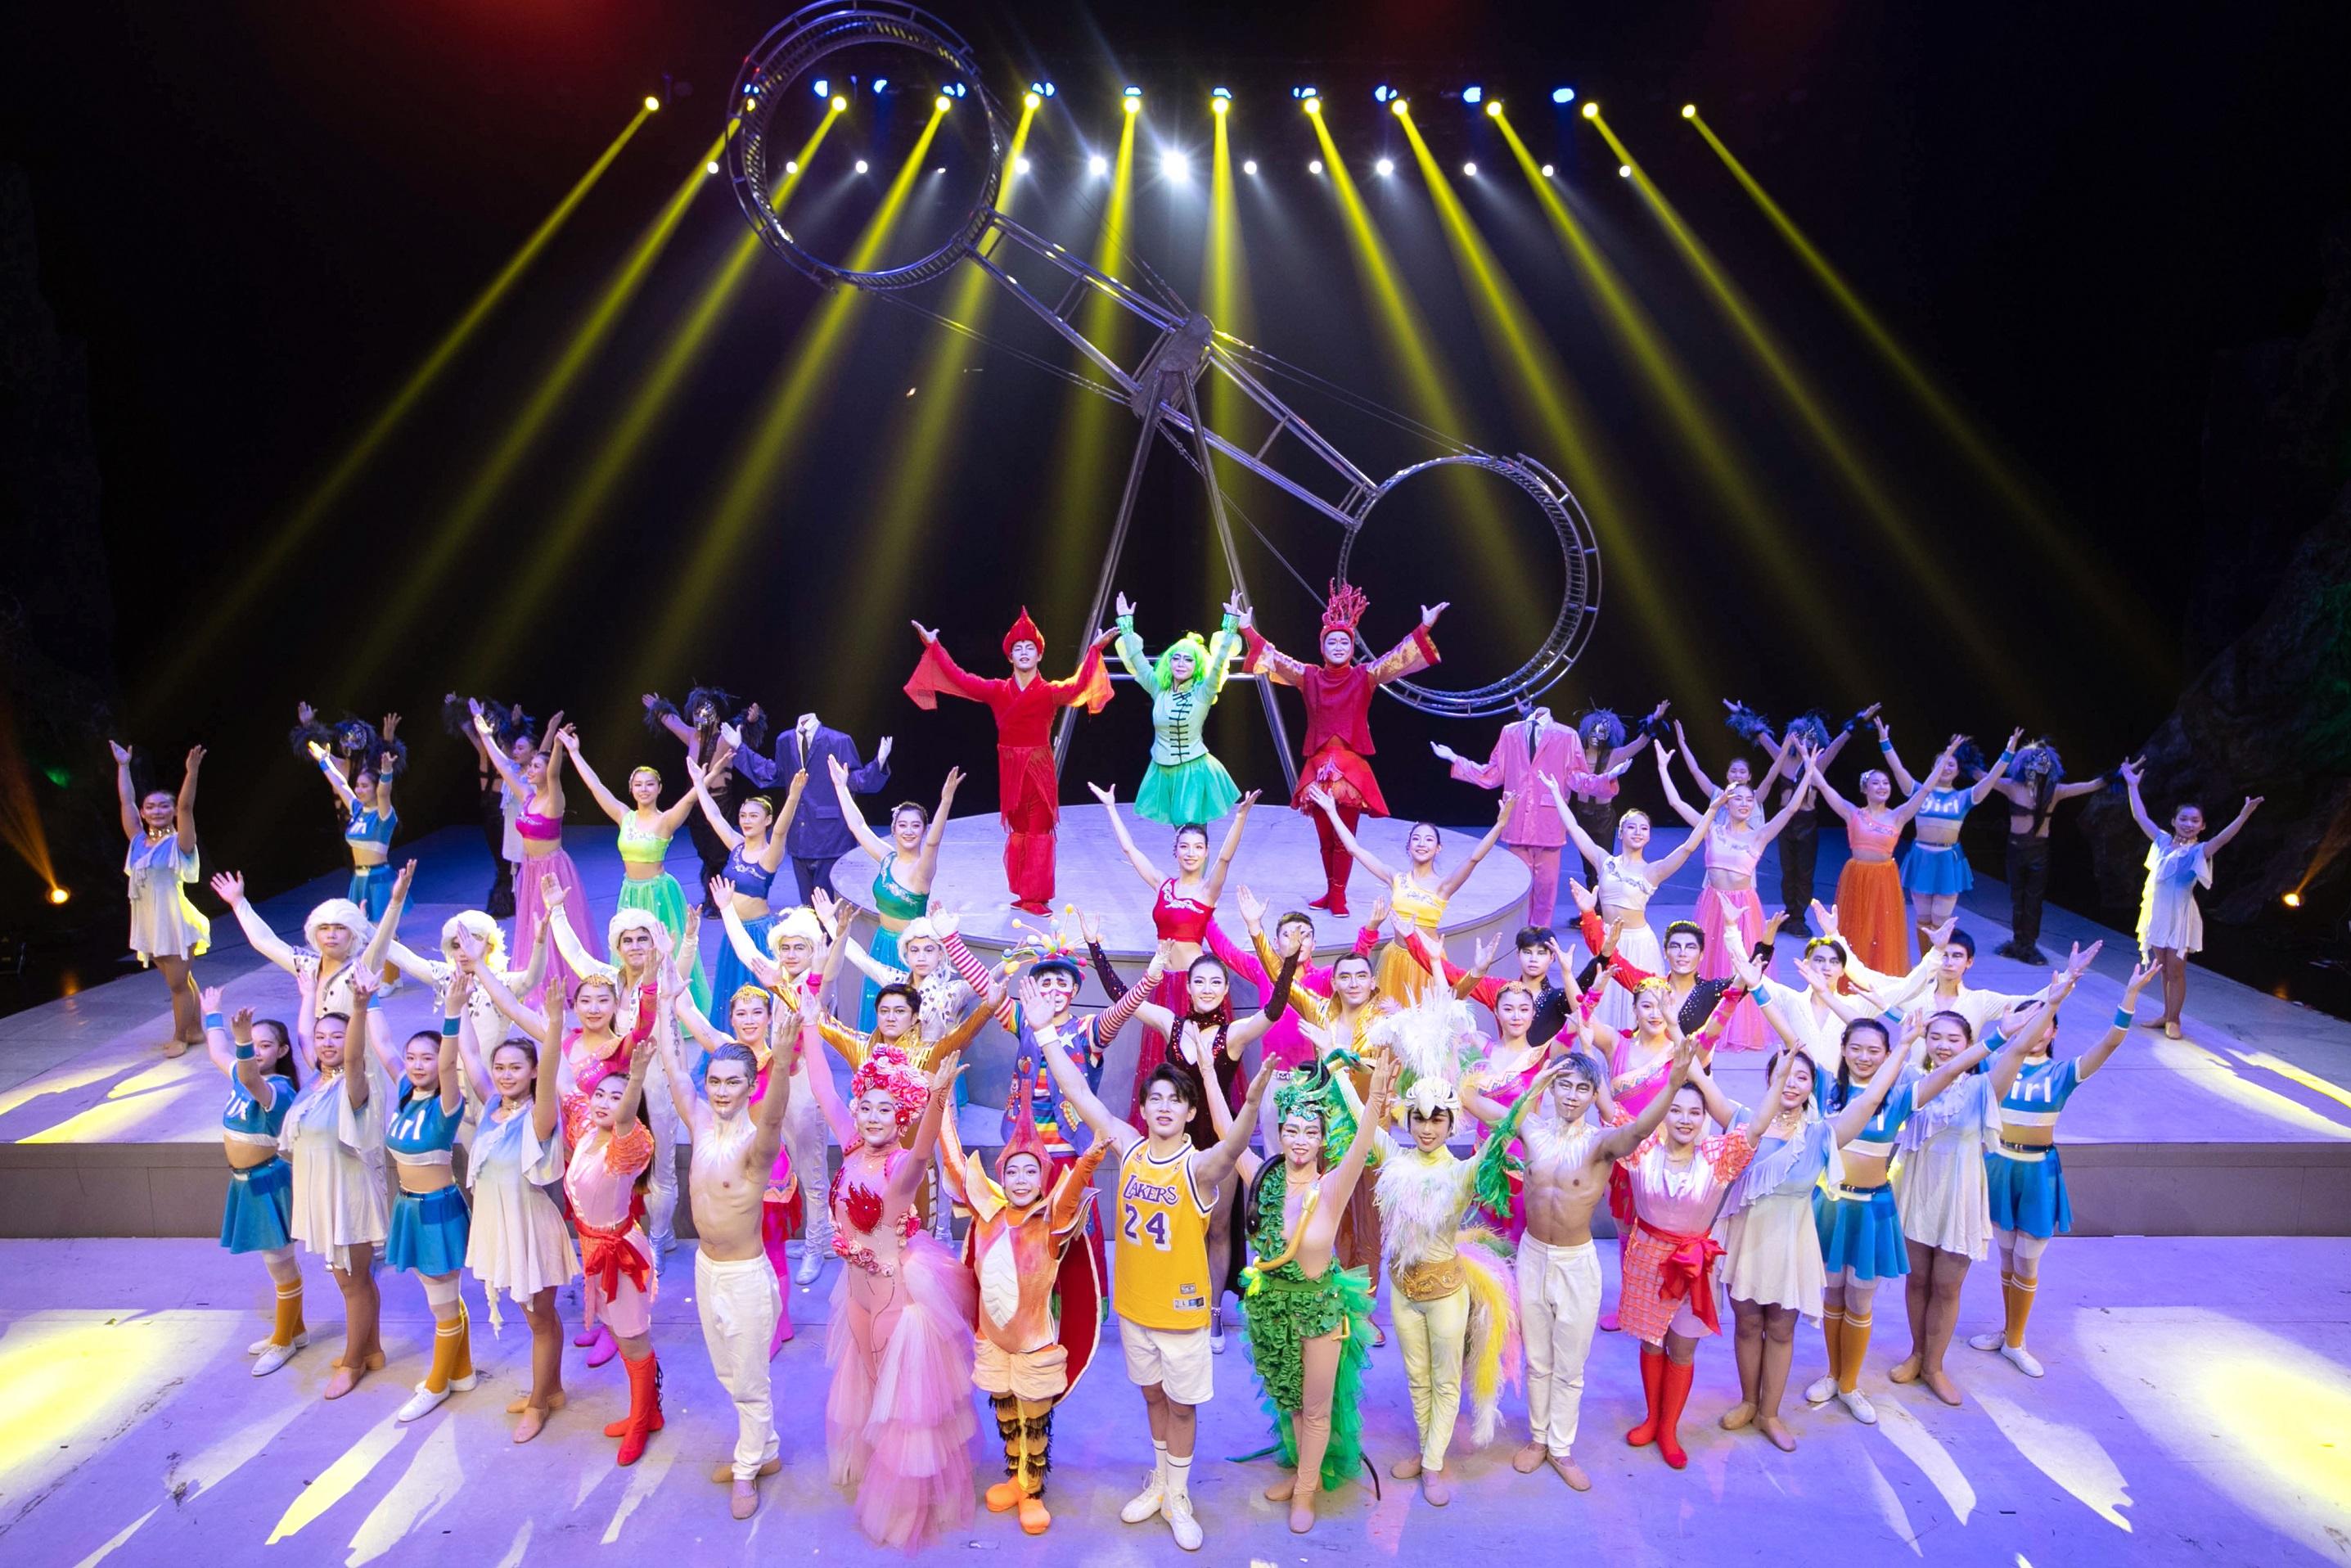 重庆国际马戏城